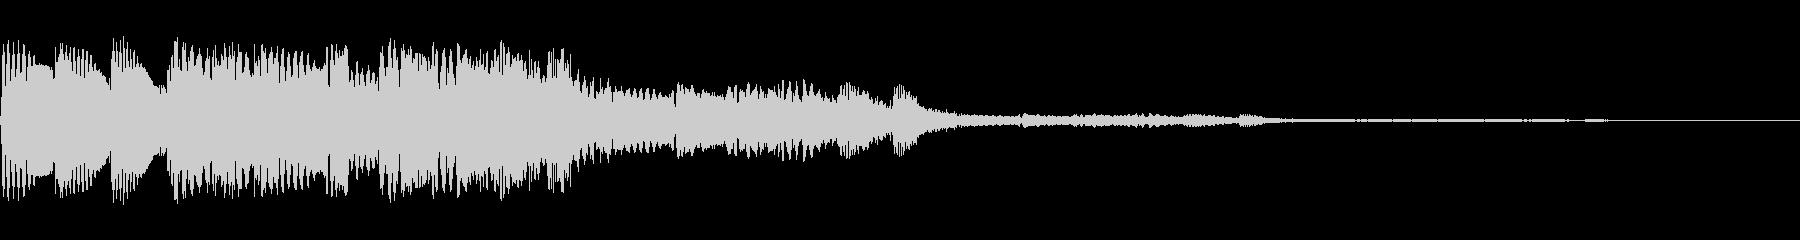 コロコロしたかわいい音です。の未再生の波形